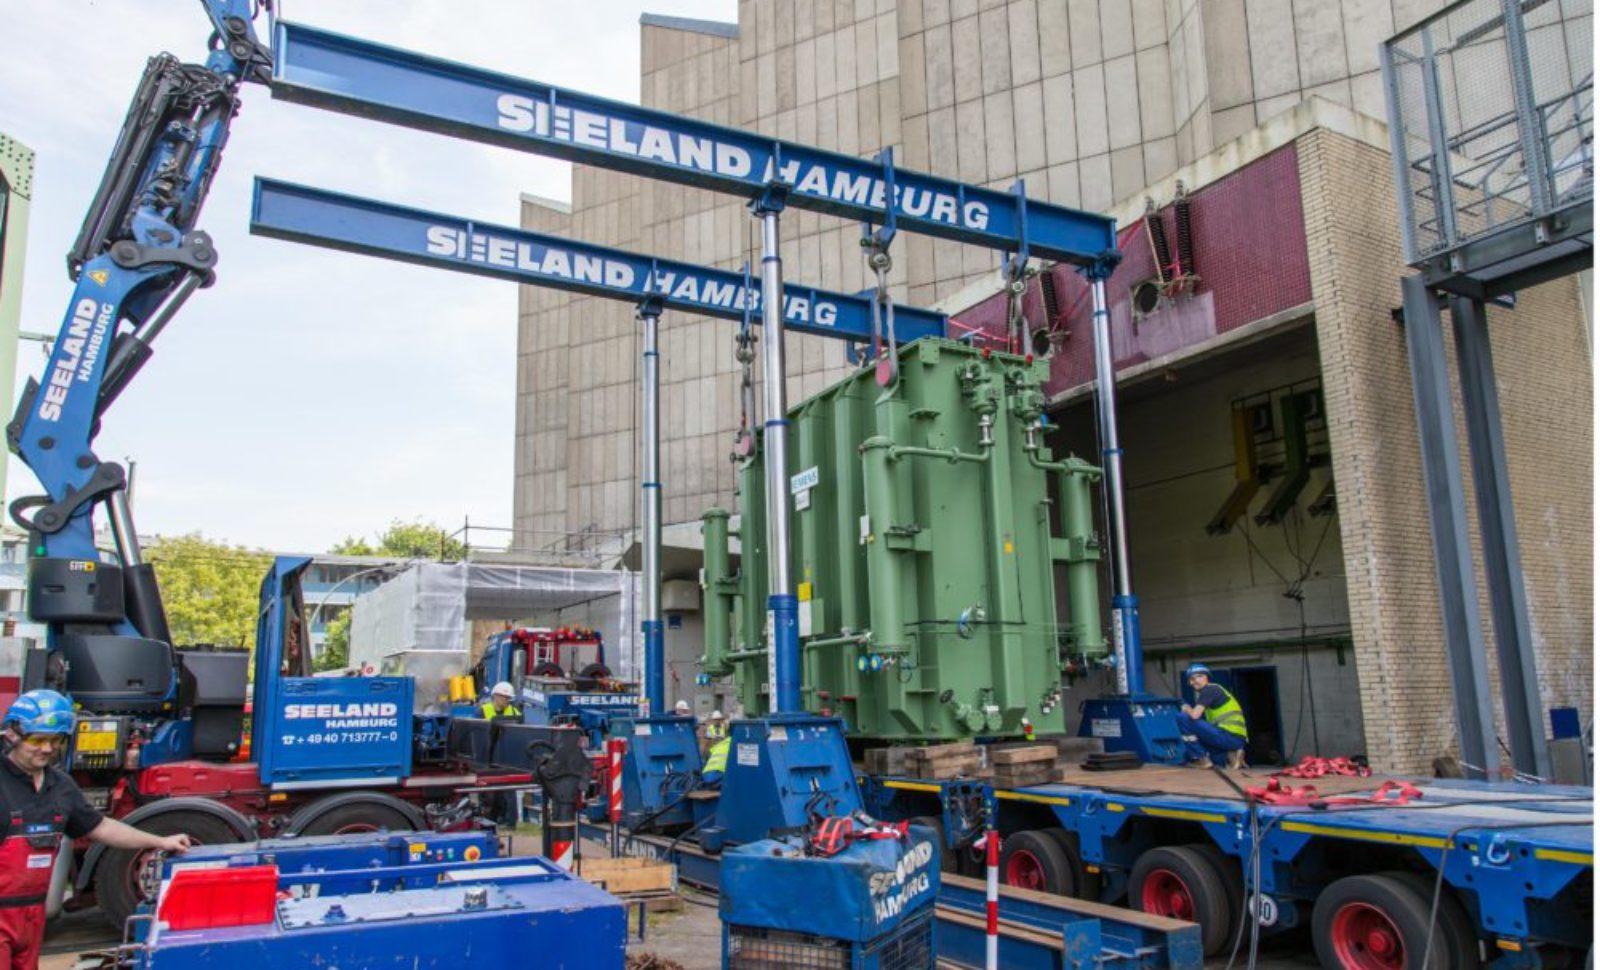 Siemens-Auftrag für Gustav Seeland